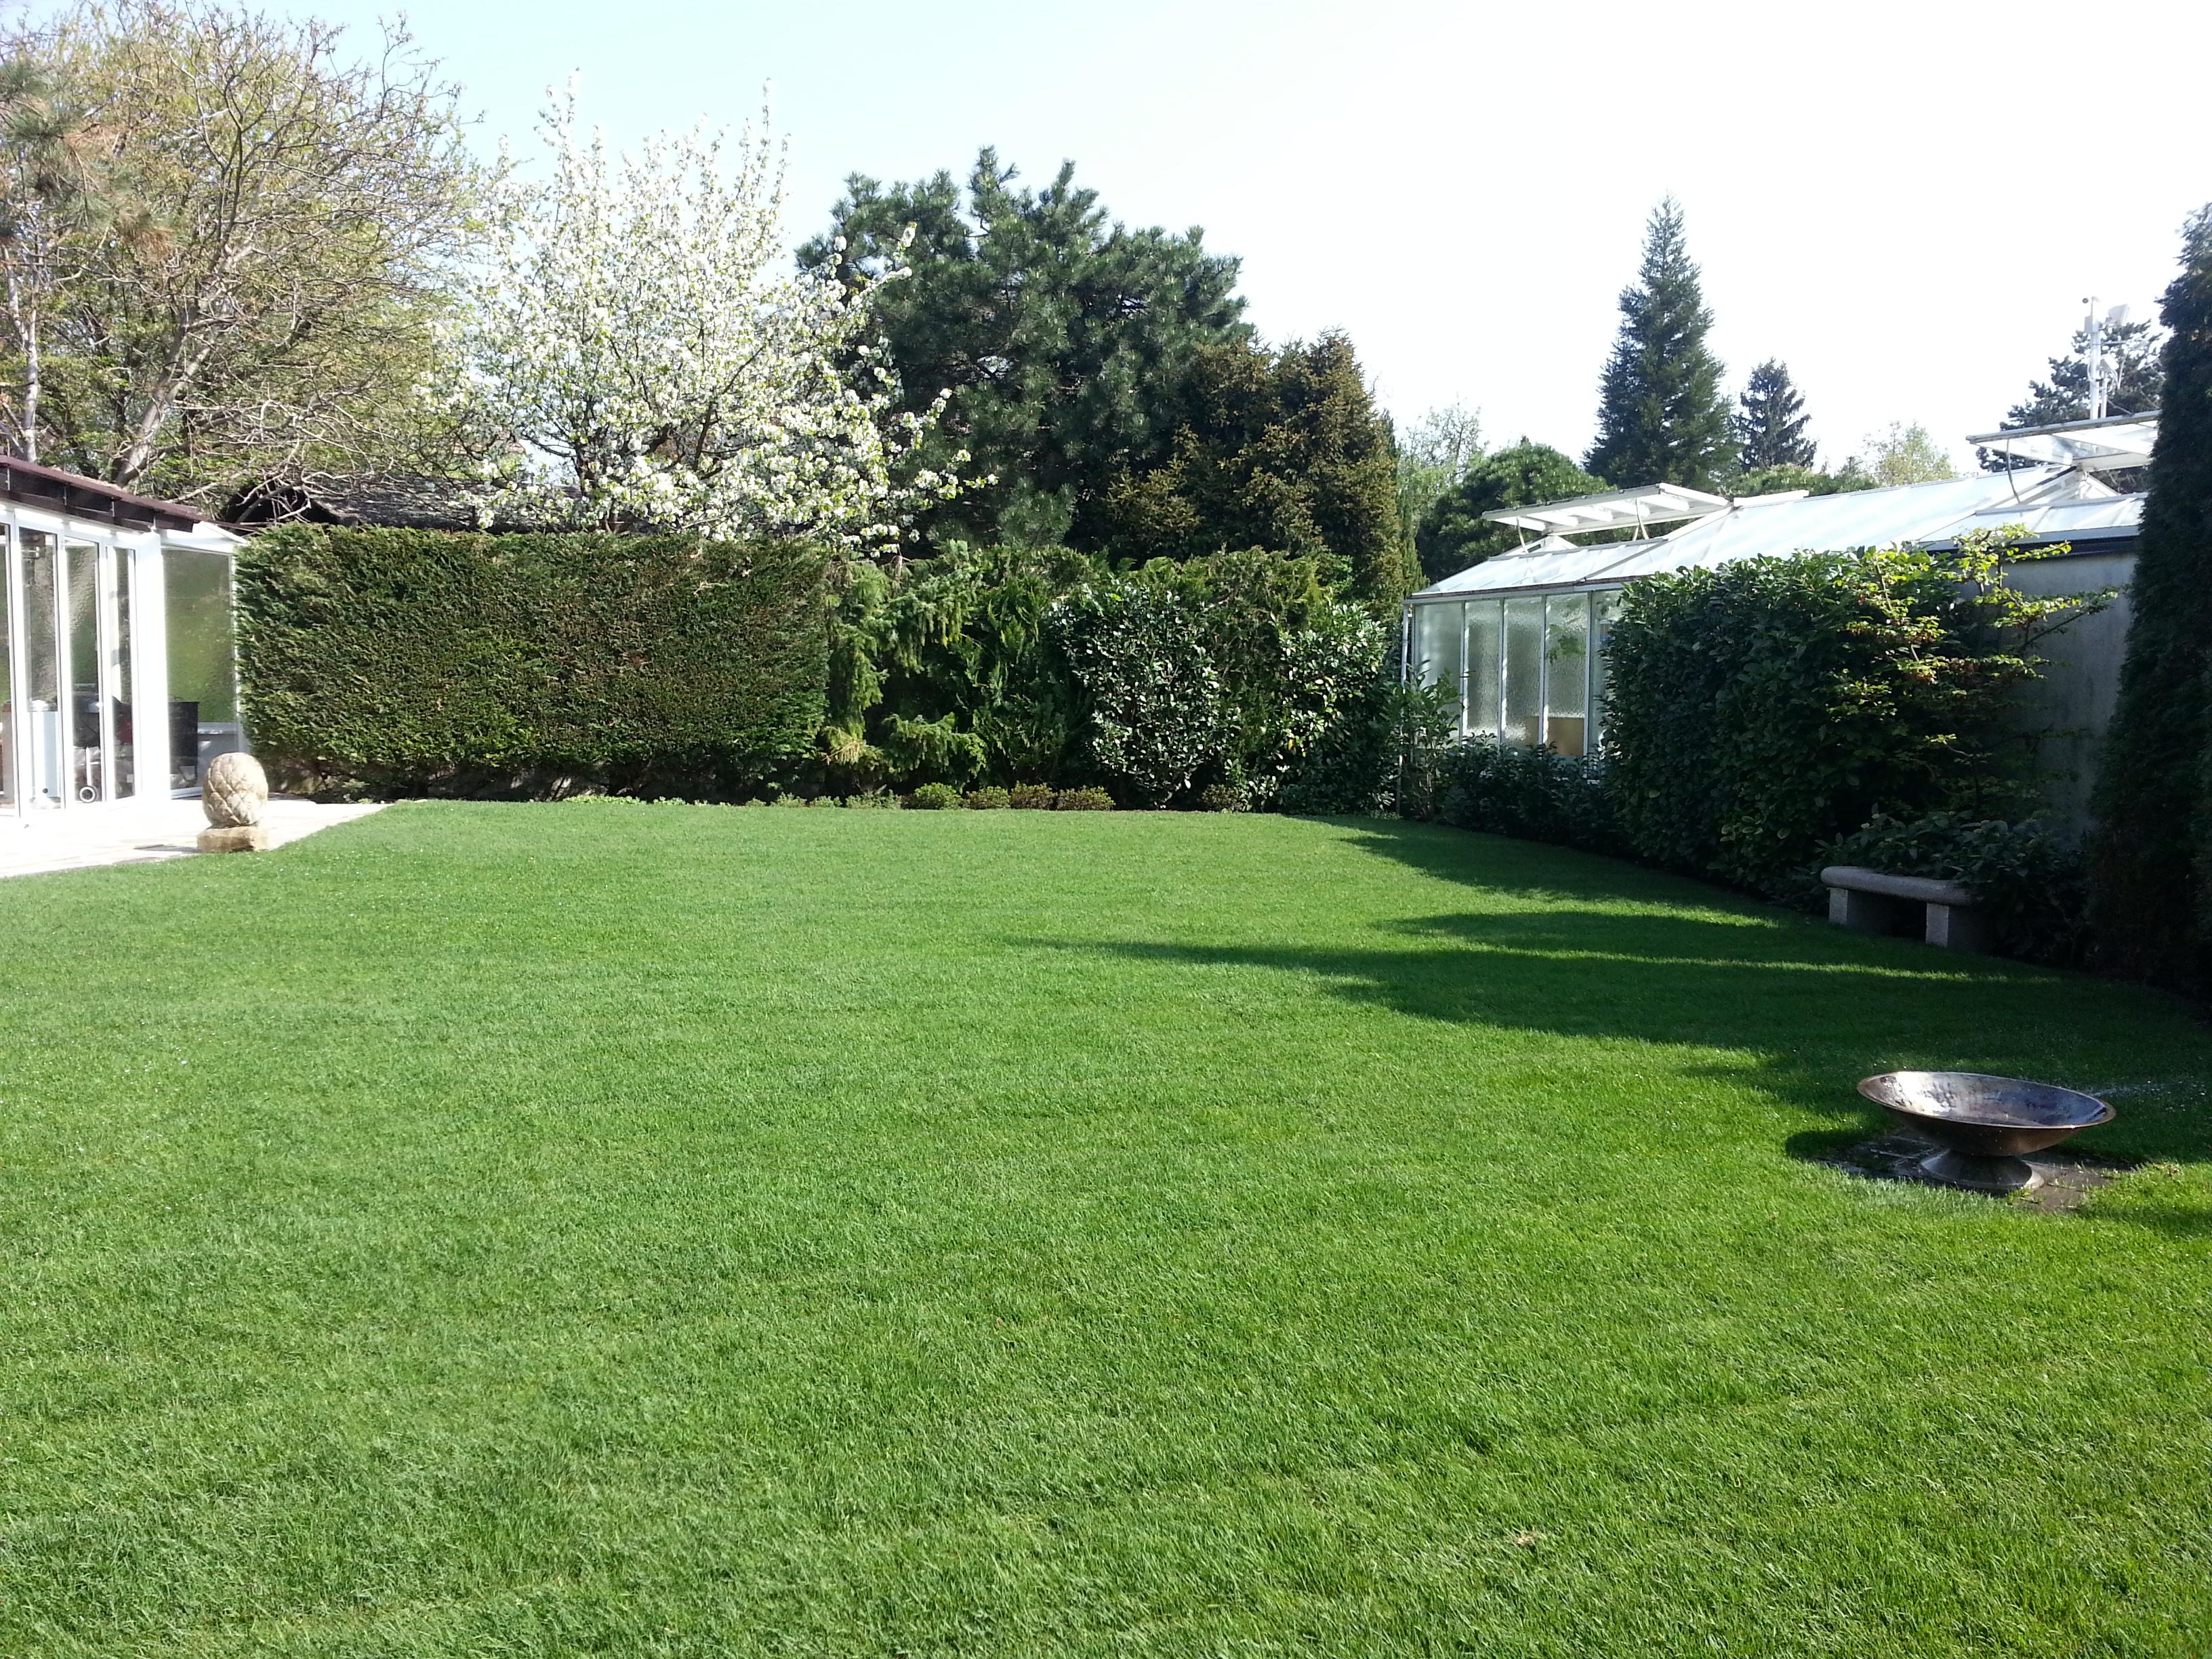 Ing gerold reischl gartengestaltung gmbh bauunternehmen for Gartengestaltung 1230 wien